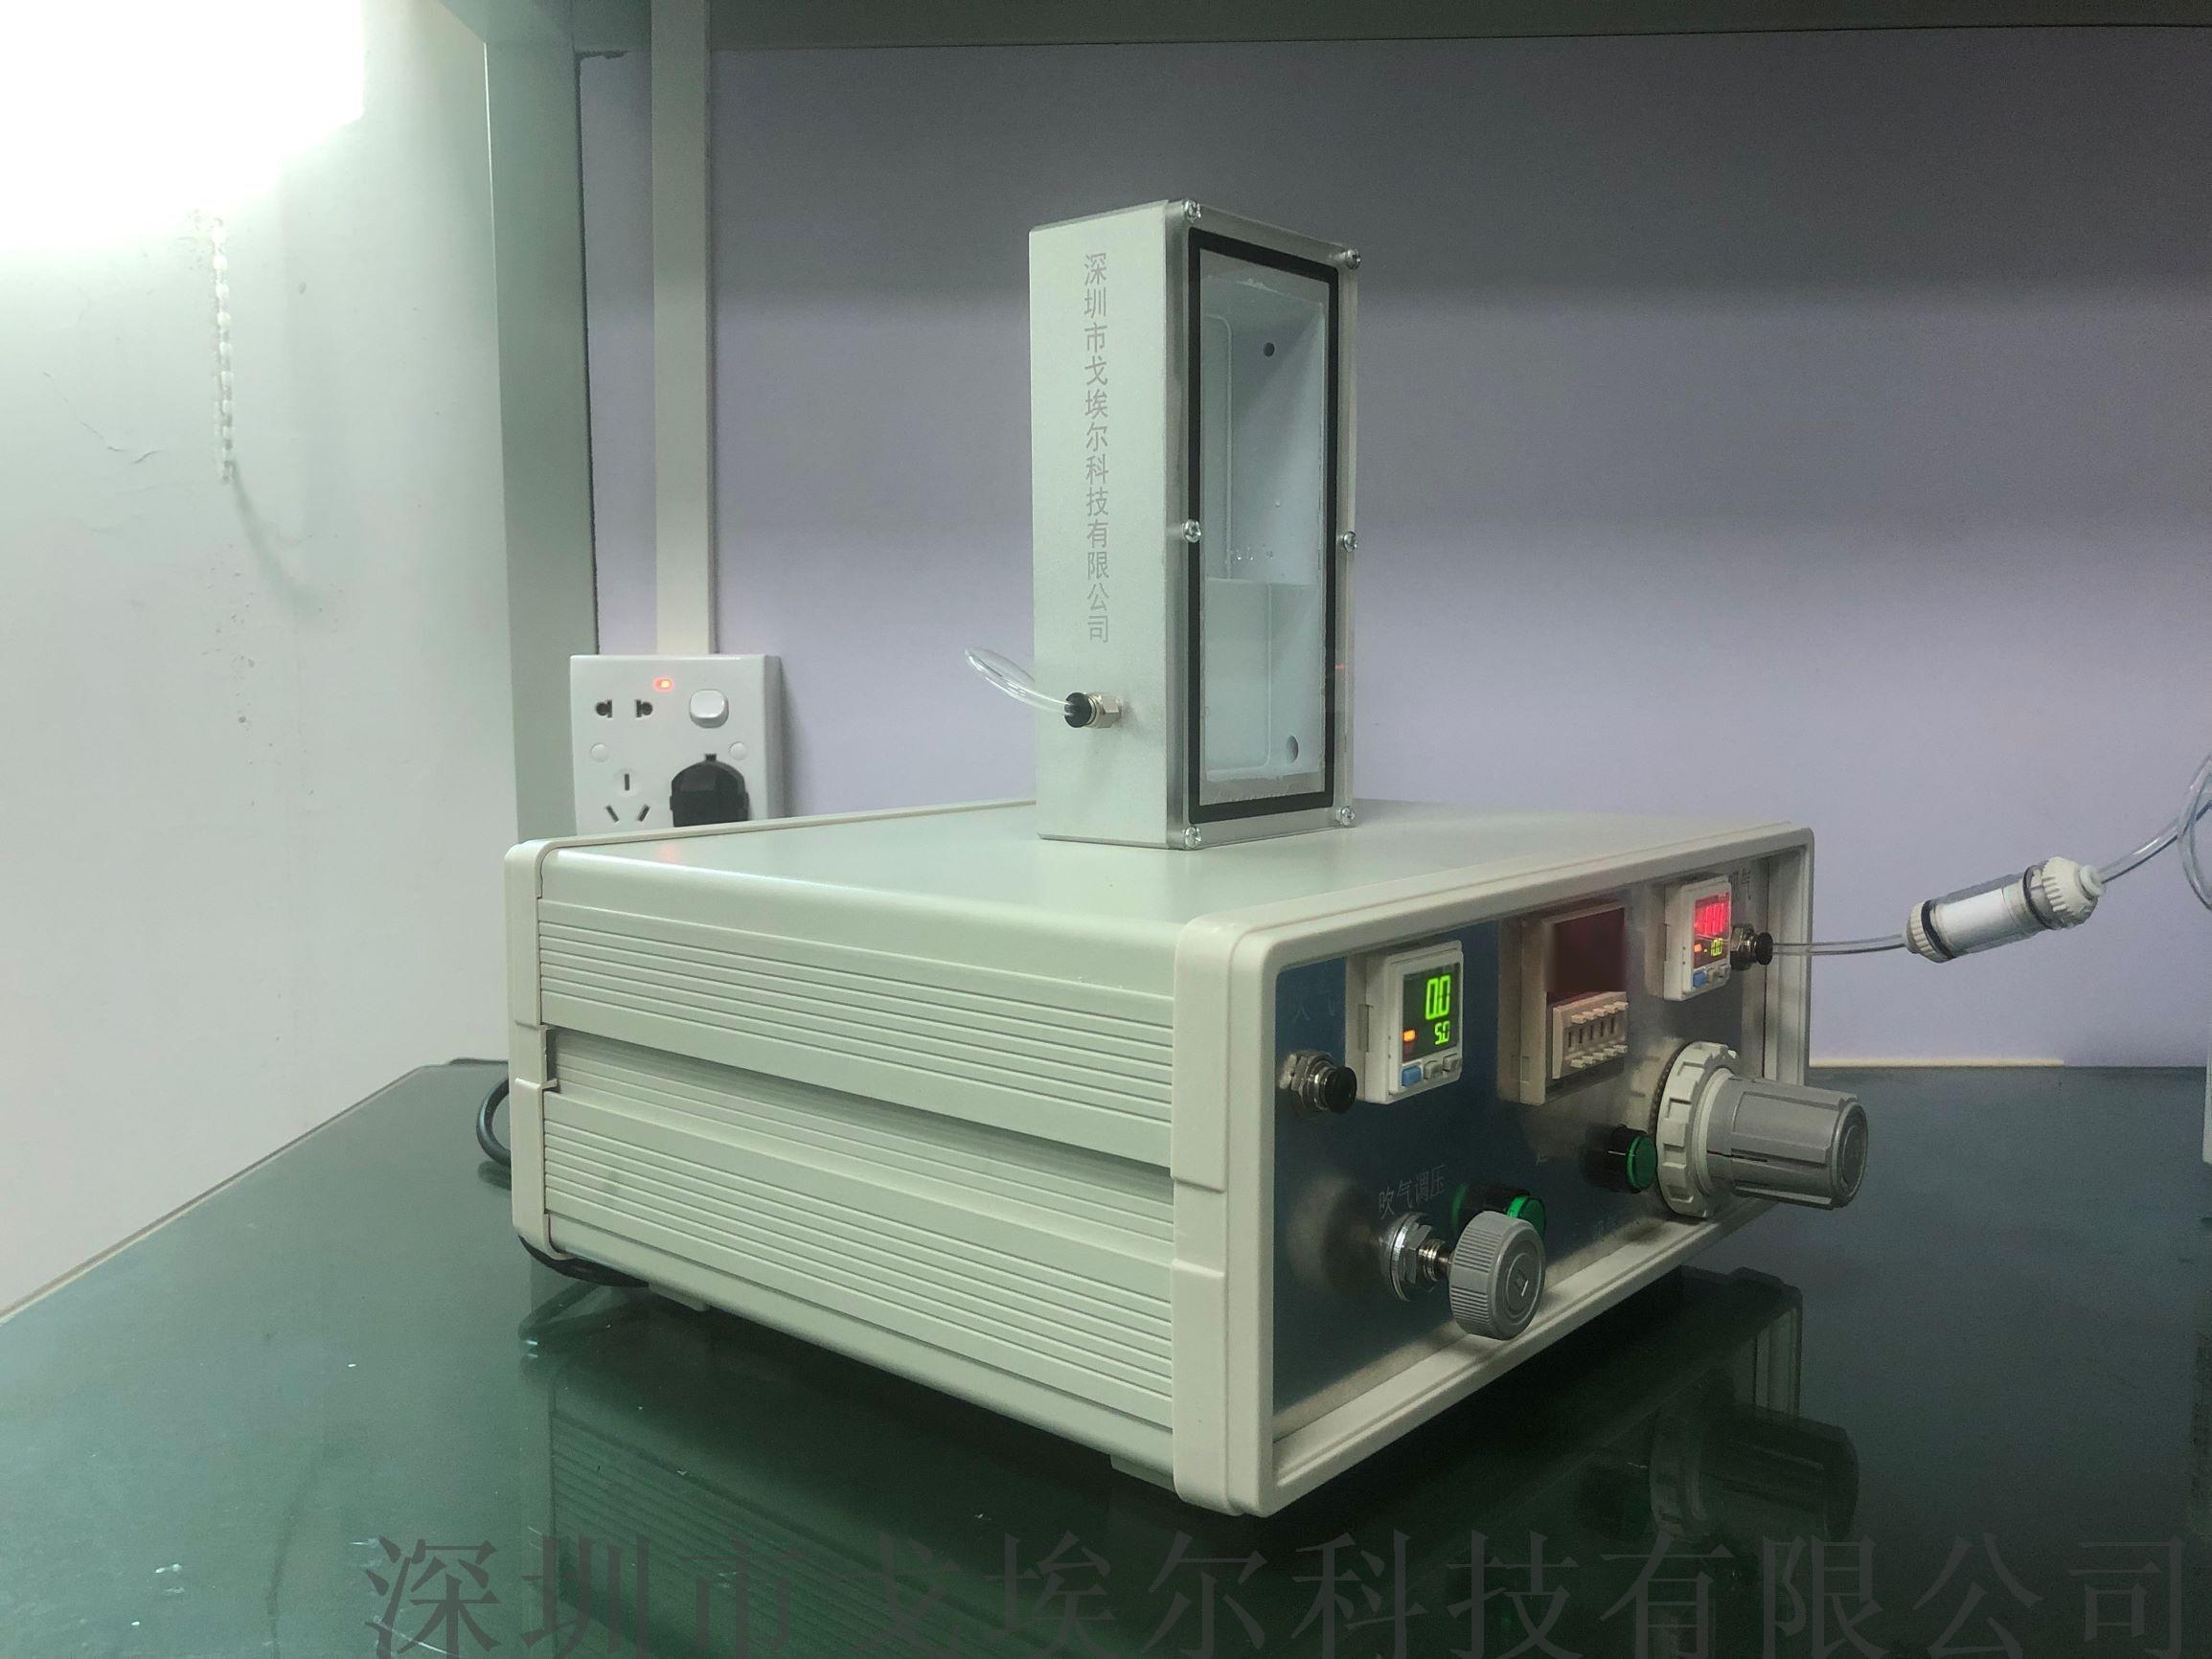 IP防水测试设备 防水测试仪供应873606865